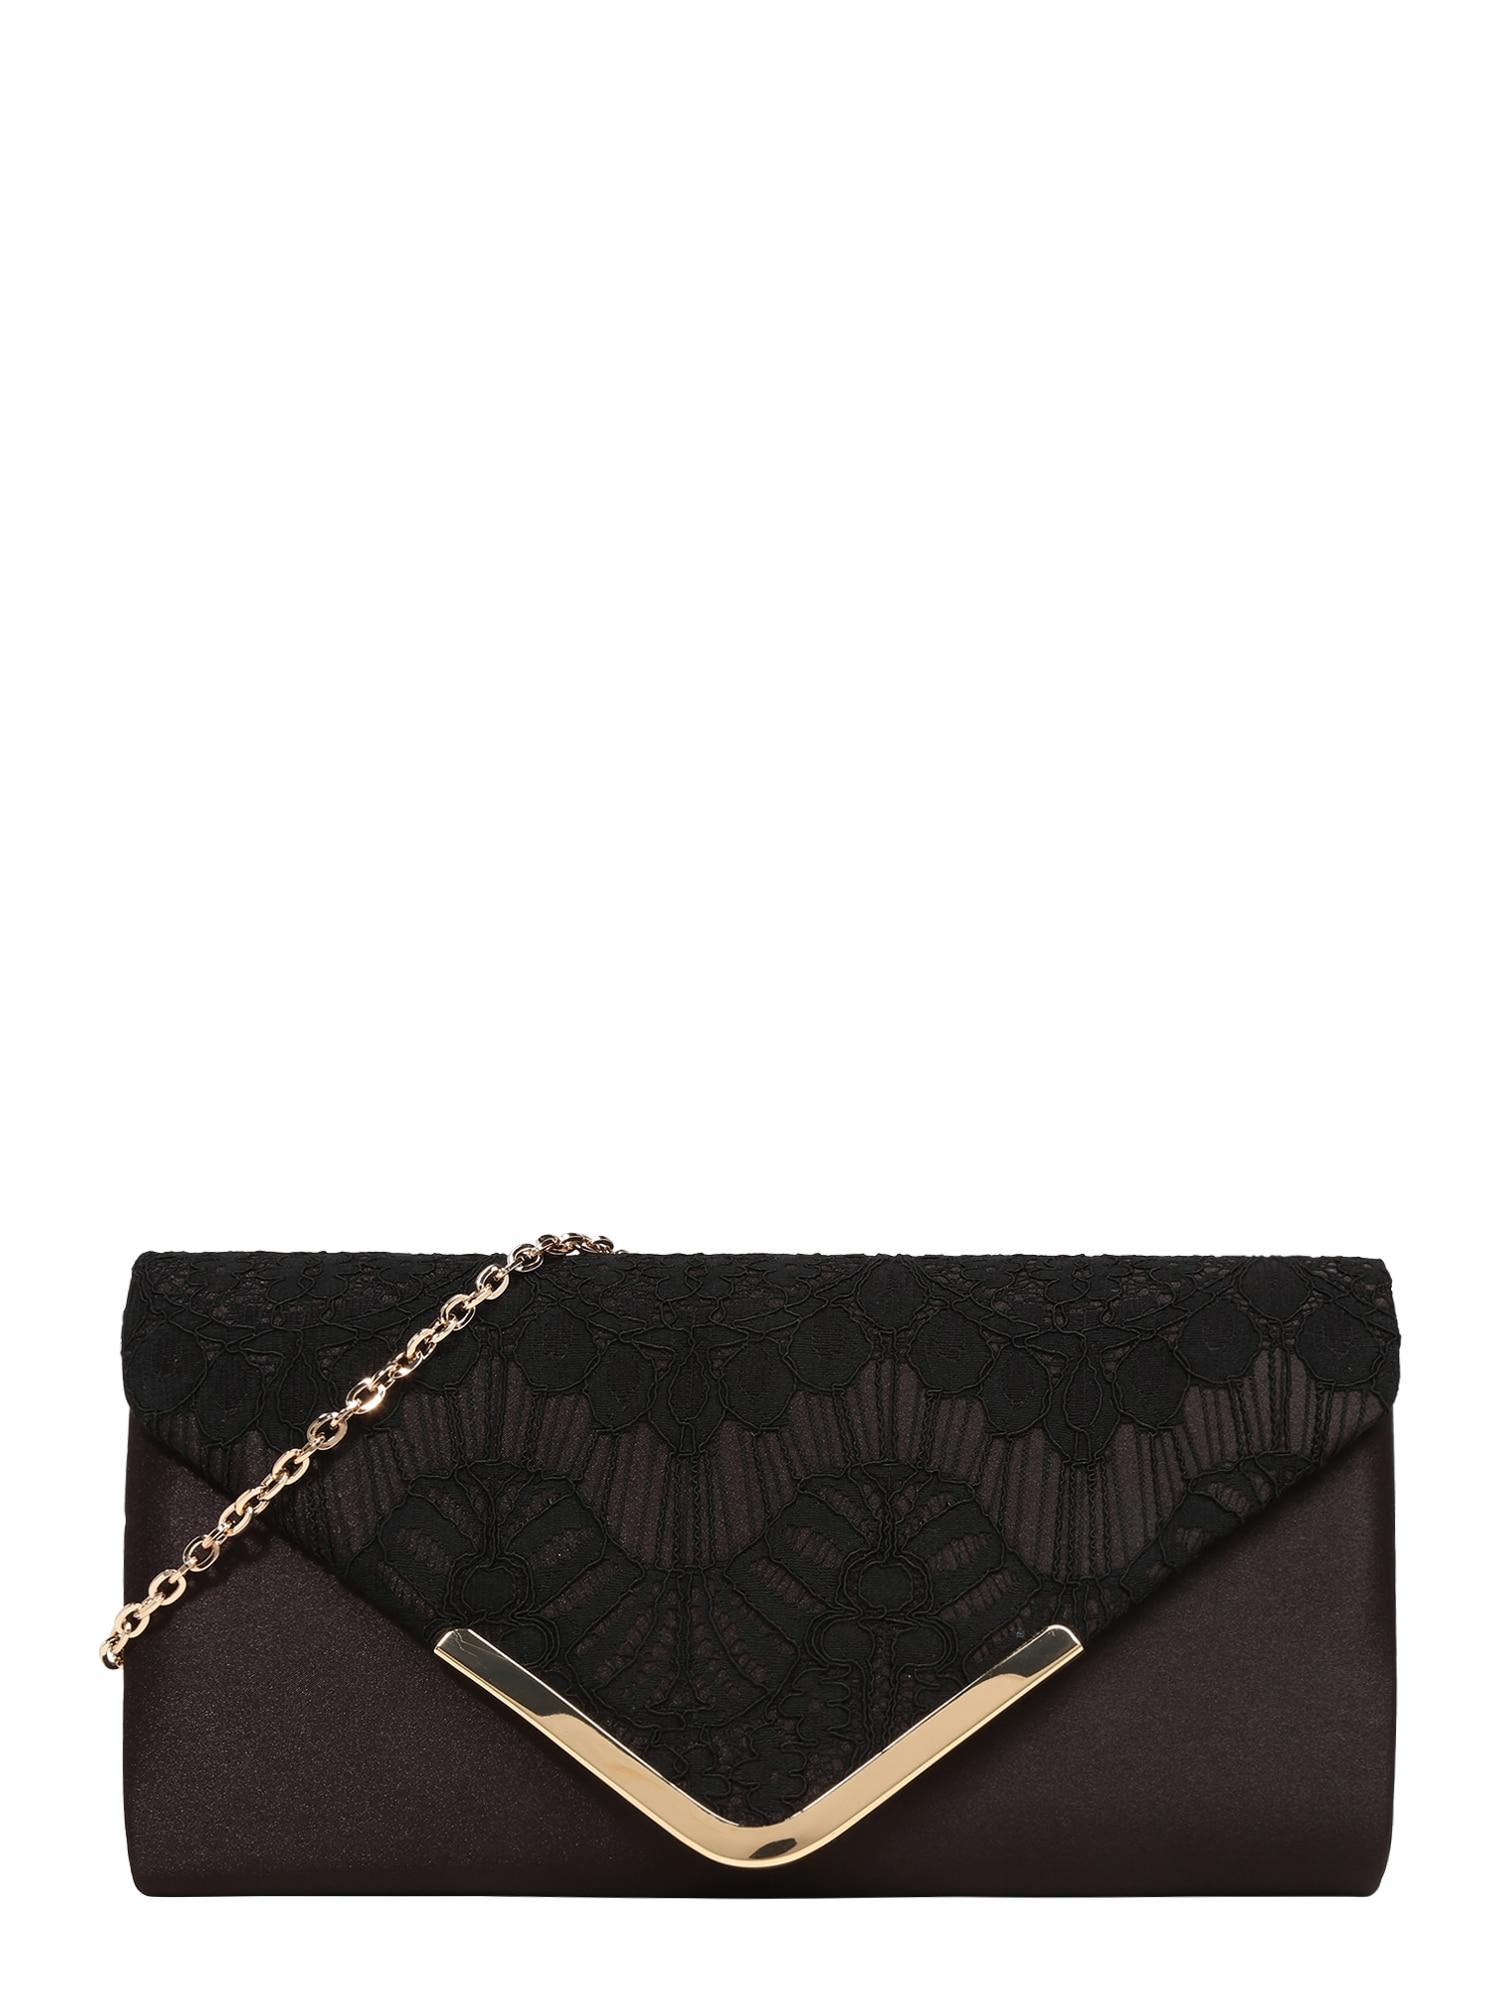 Tasche 'Envelope Clutch' | Taschen > Handtaschen > Clutches | Mascara